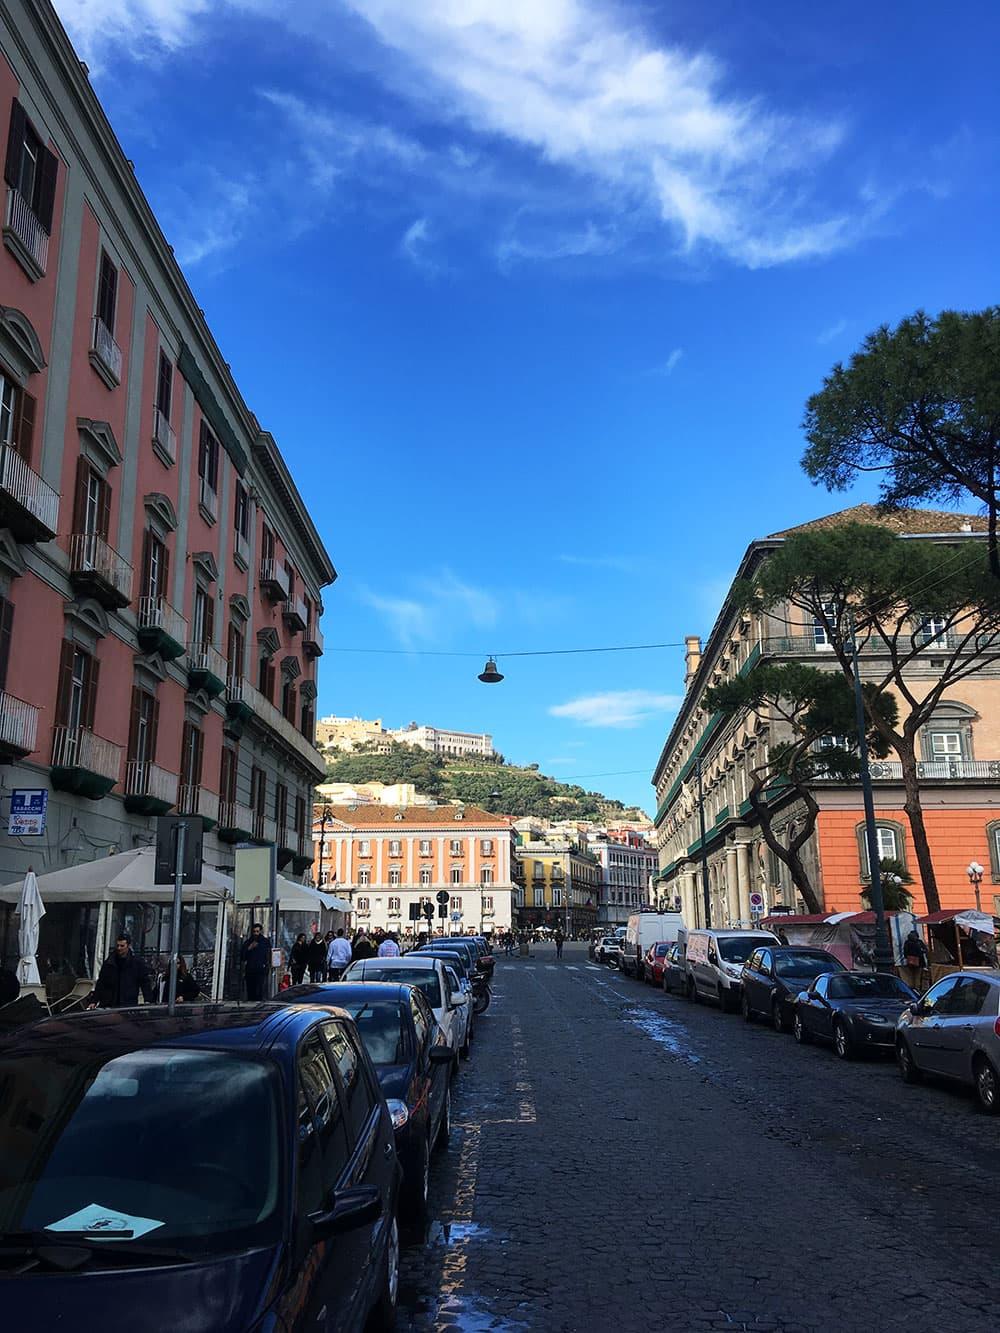 Walking towards Piazza del Plebiscito (Castel Sant'Elmo on the hill)